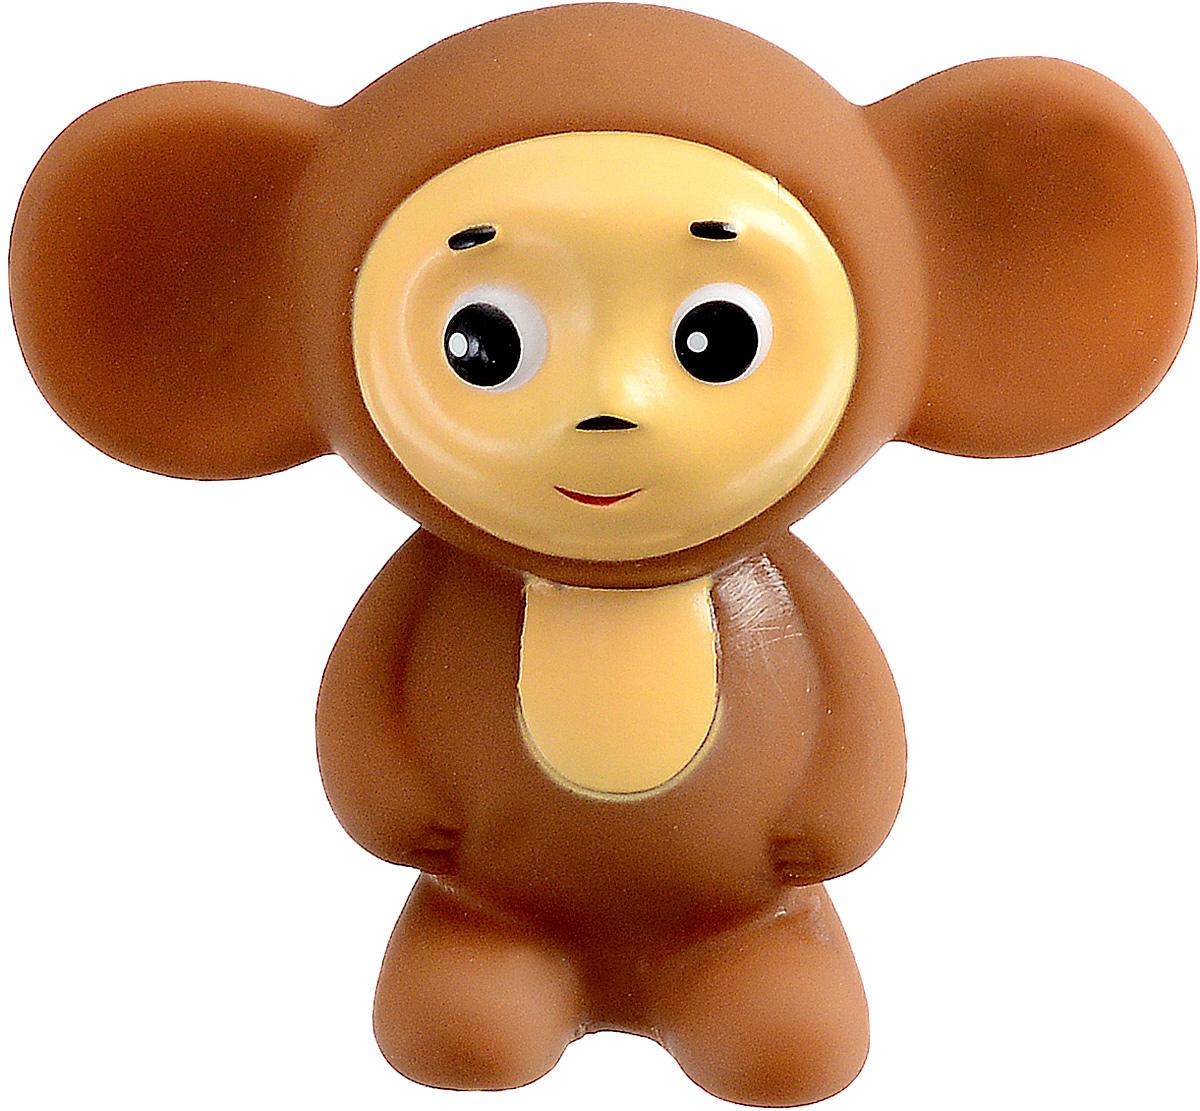 Играем вместе Игрушка для ванной Чебурашка 5R5RИгрушка для ванной Играем вместе Чебурашка понравится вашему малышу и развлечет его во время купания. Она выполнена из безопасного материала в виде главного героя популярного детского мультфильма. Размер игрушки идеален для маленьких ручек малыша. Игрушка может брызгать водой и пищать. Игрушка для ванной способствует развитию воображения, цветового восприятия, тактильных ощущений и мелкой моторики рук.